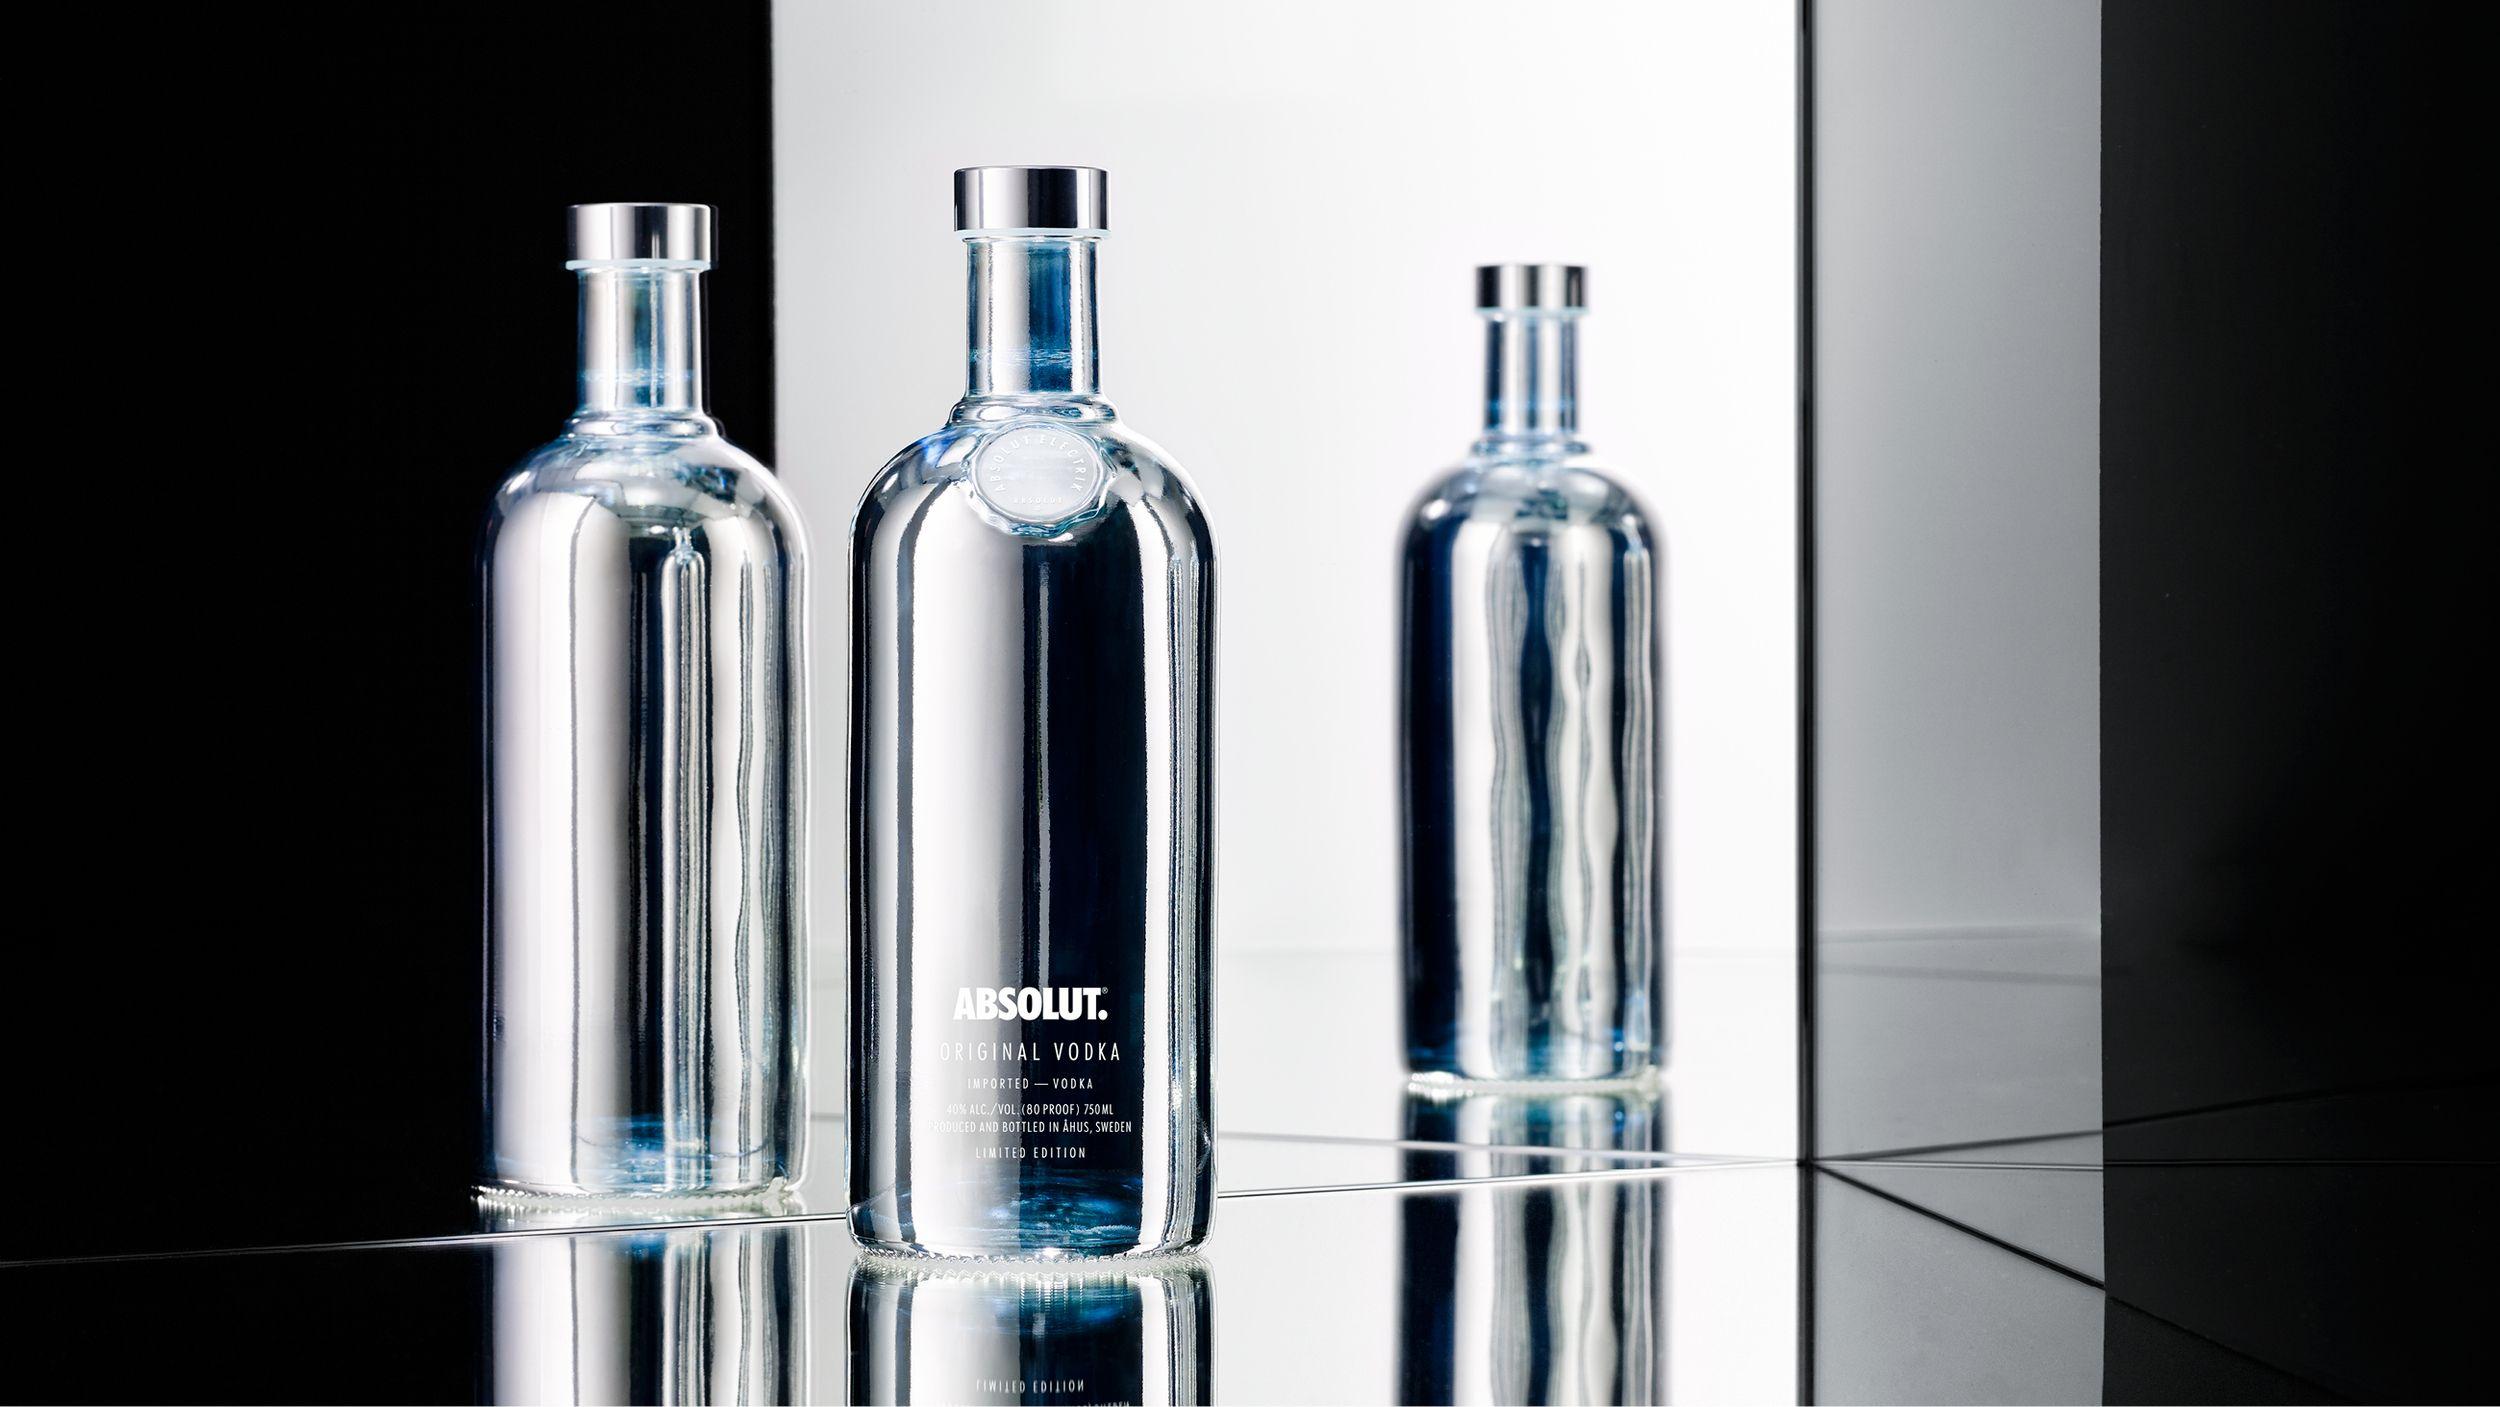 Absolut Electrik — The Dieline - Branding & Packaging